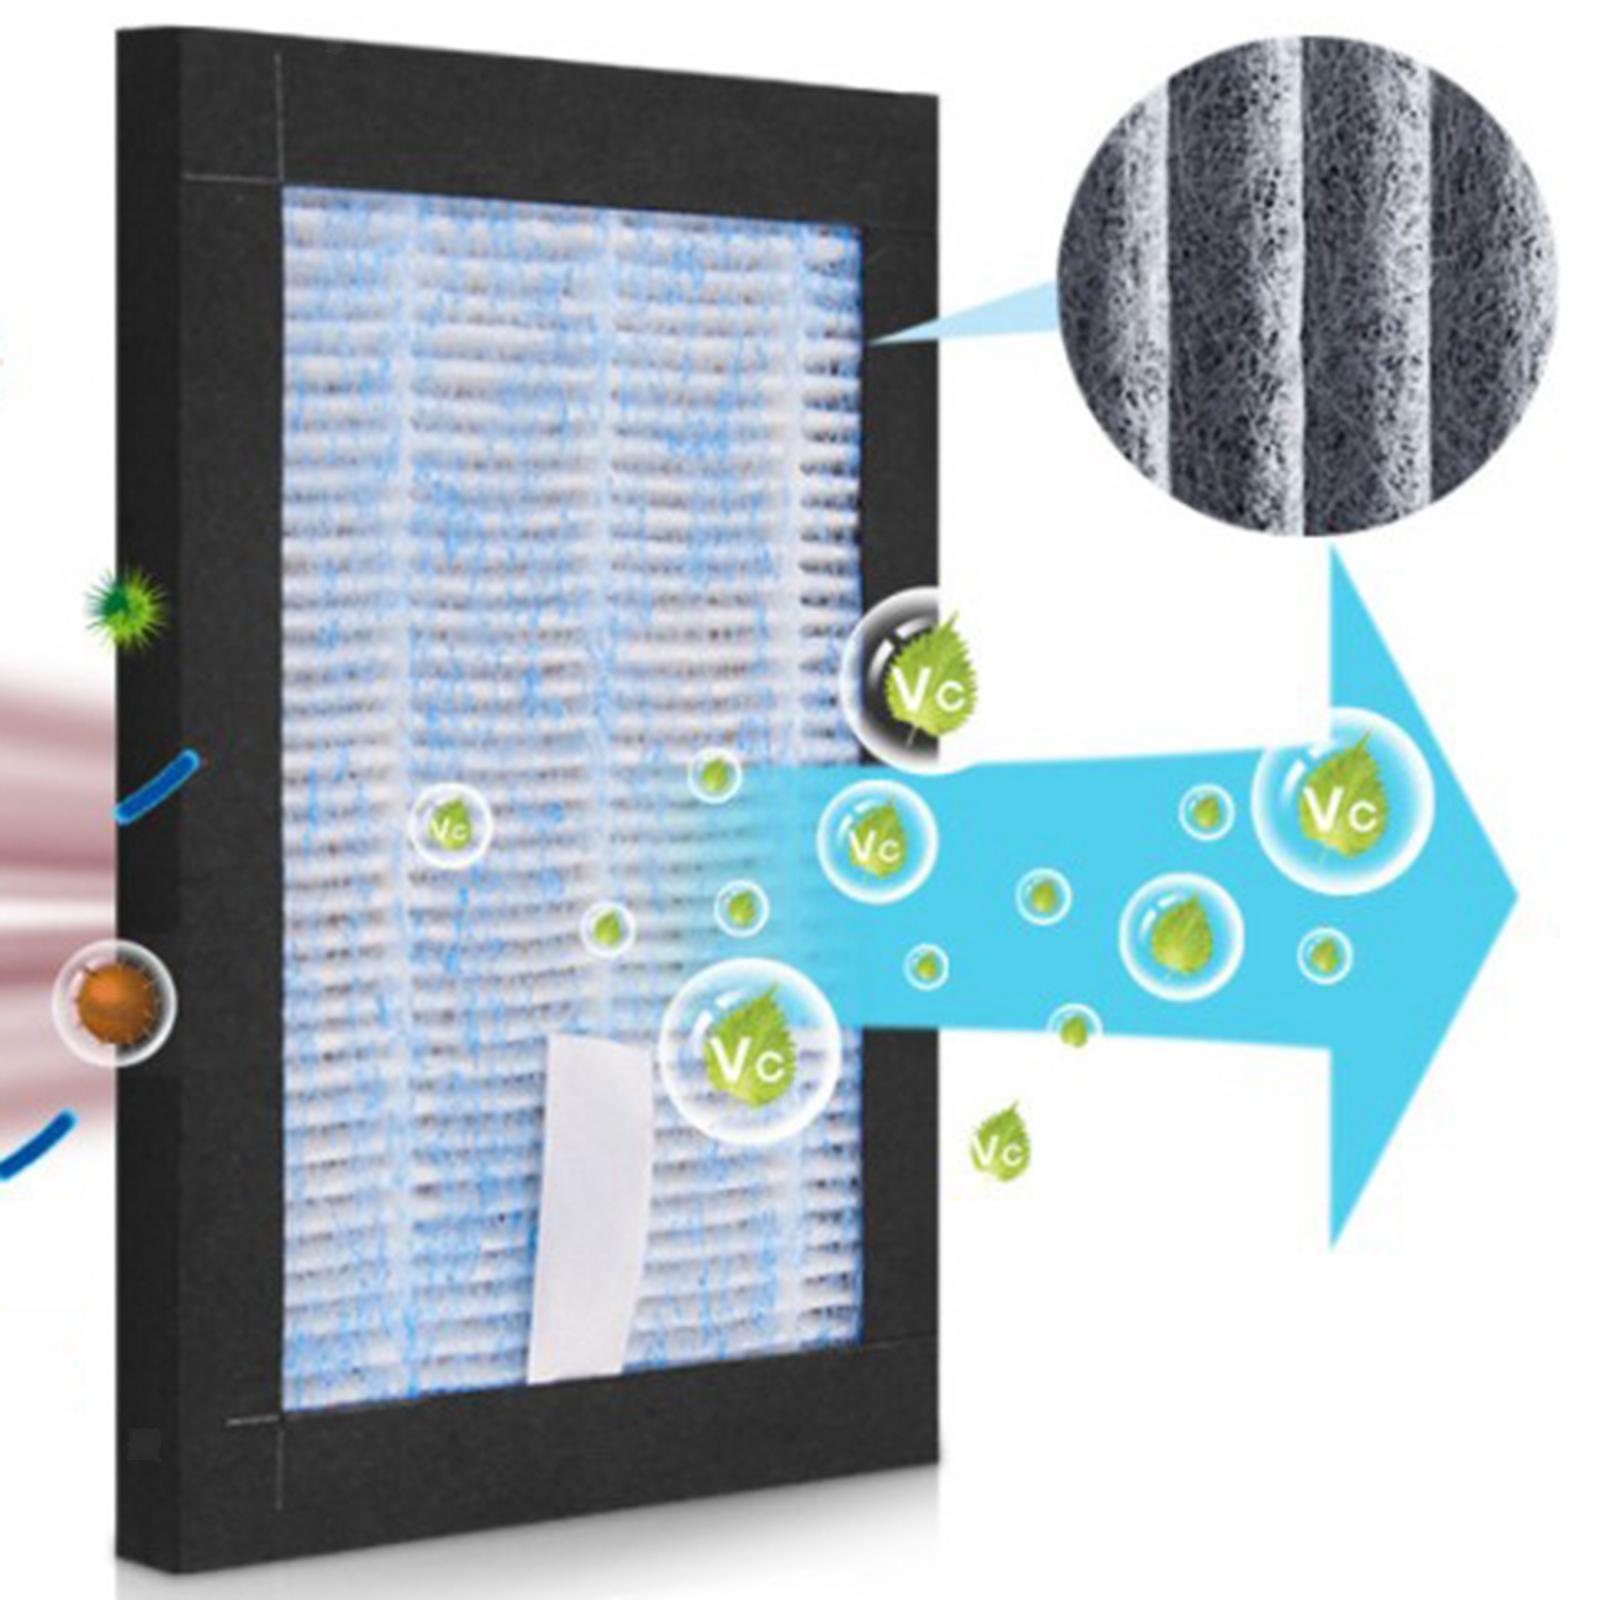 Indexbild 11 - Auto Air Purifier Luft Reiniger Deodorizer Ionisator für Home Office